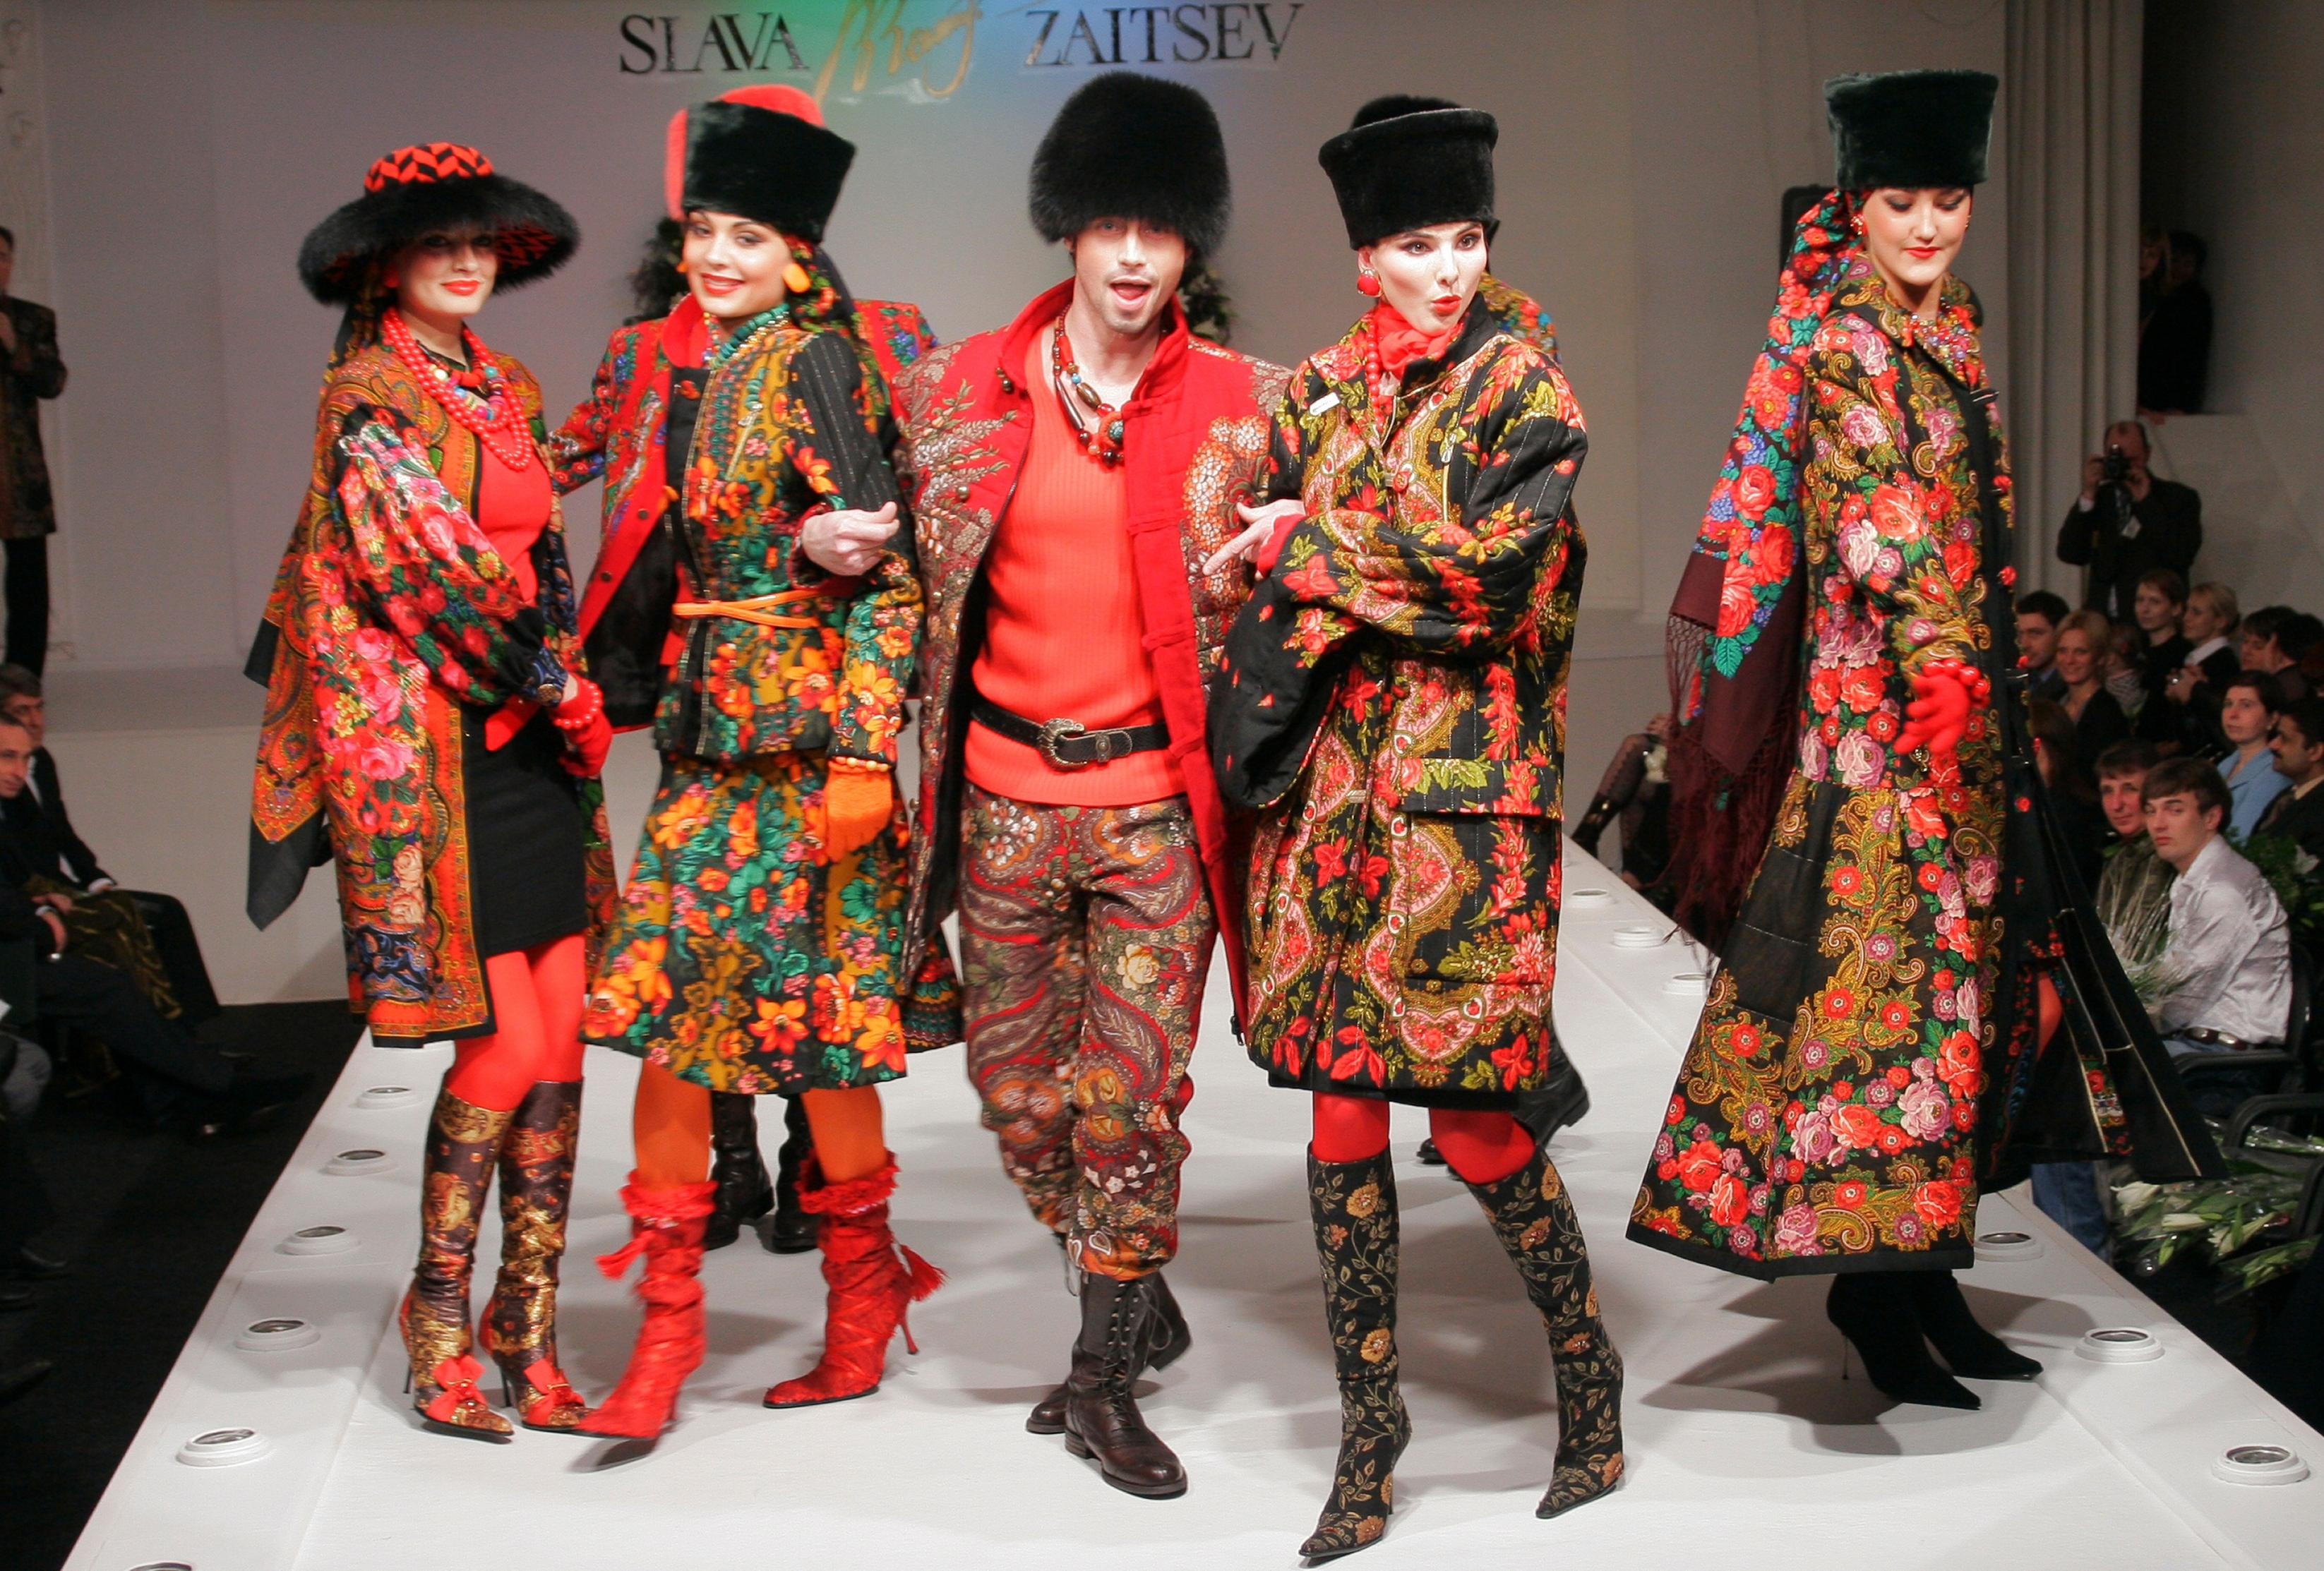 File Slava Zaitsev Fashion Show Wikimedia Commons